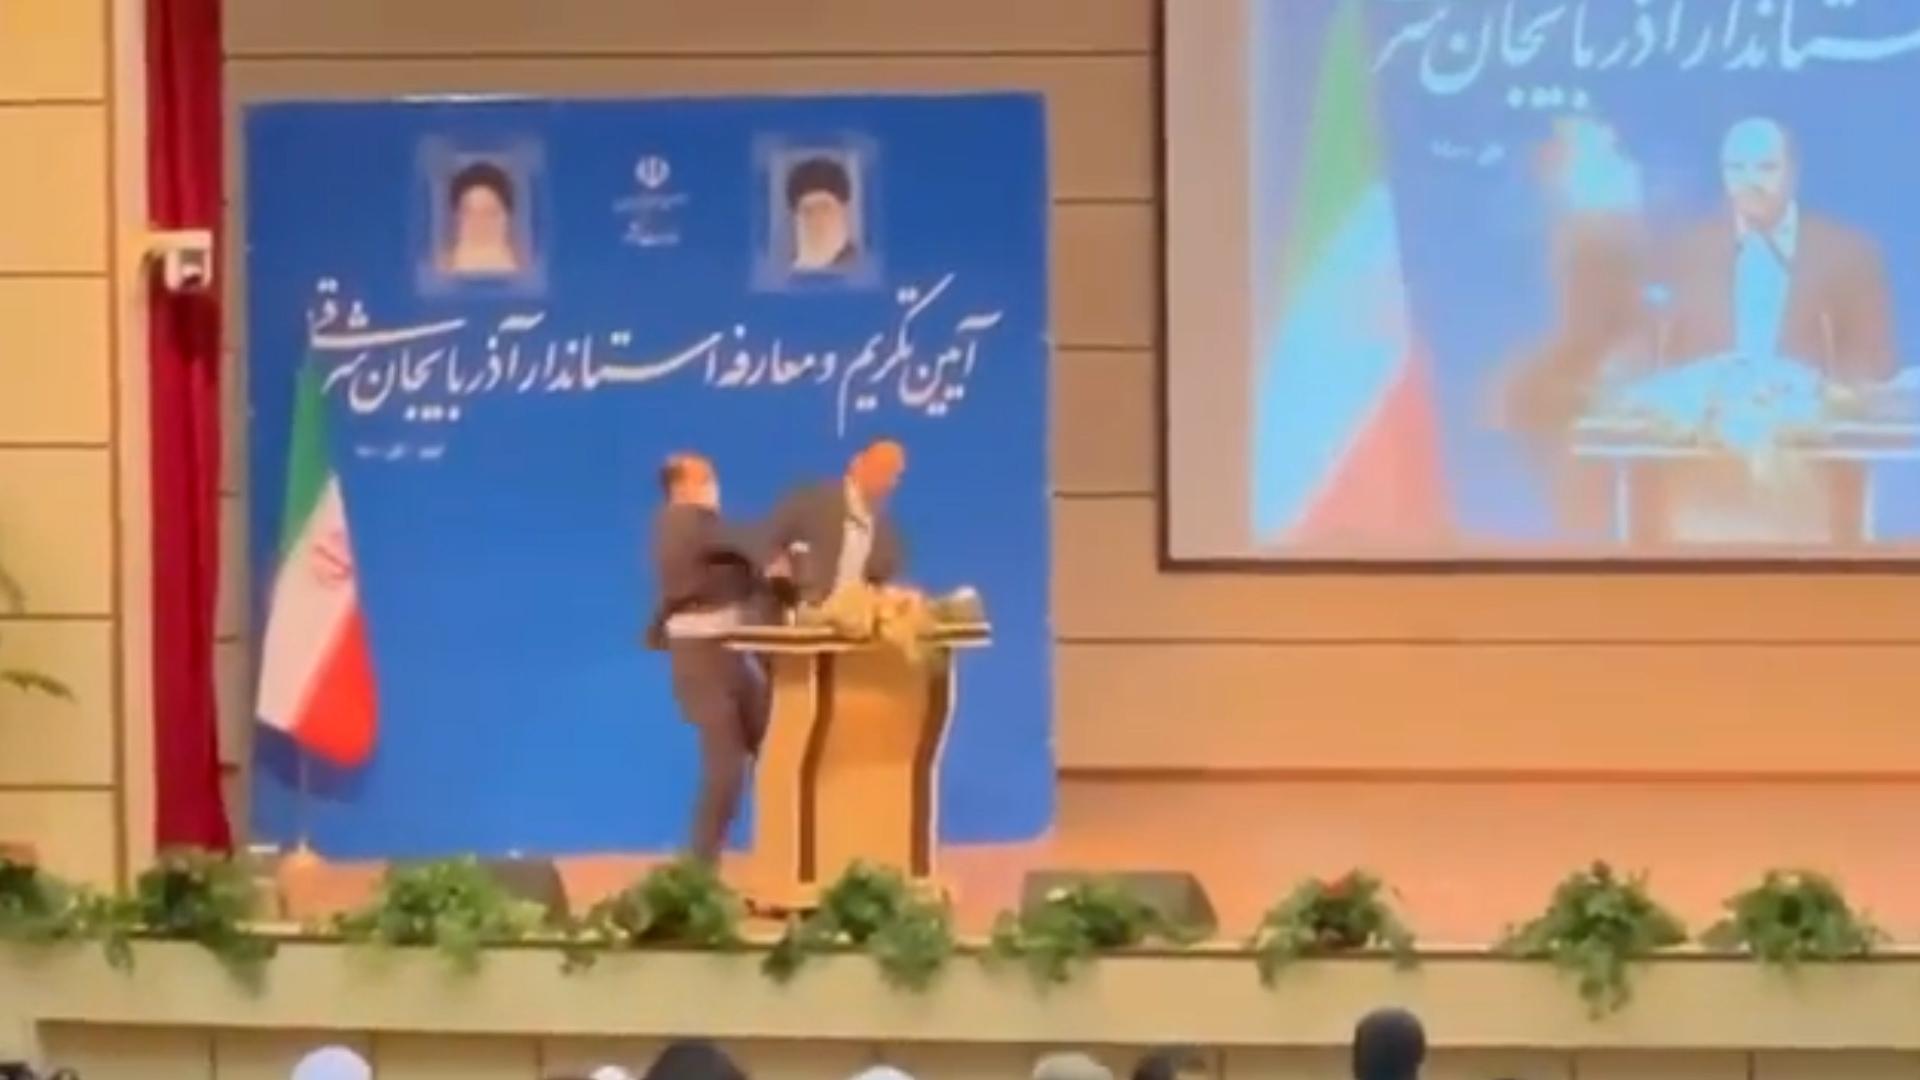 Un general de la Guardia Revolucionaria de Irán fue abofeteado cuando  tomaba posesión como gobernador - Infobae